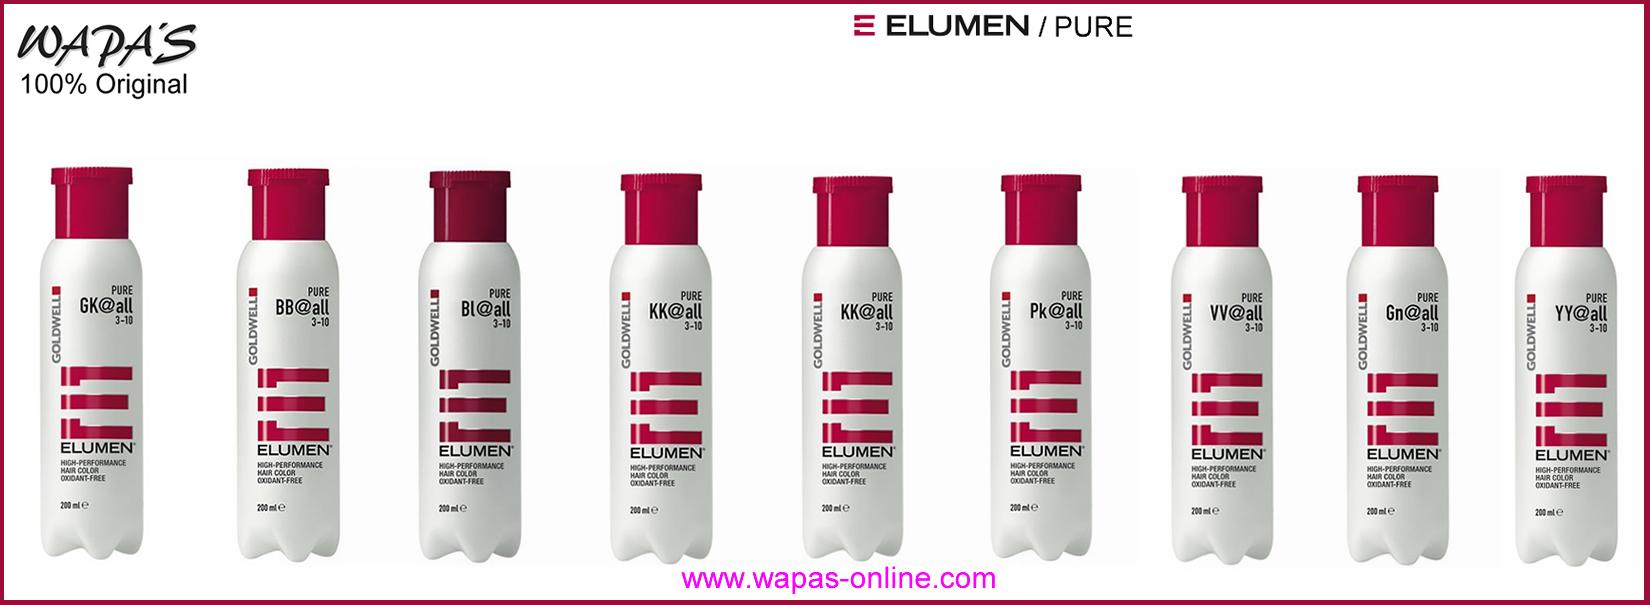 Quien que vitaminas han ayudado para el refuerzo de los cabello